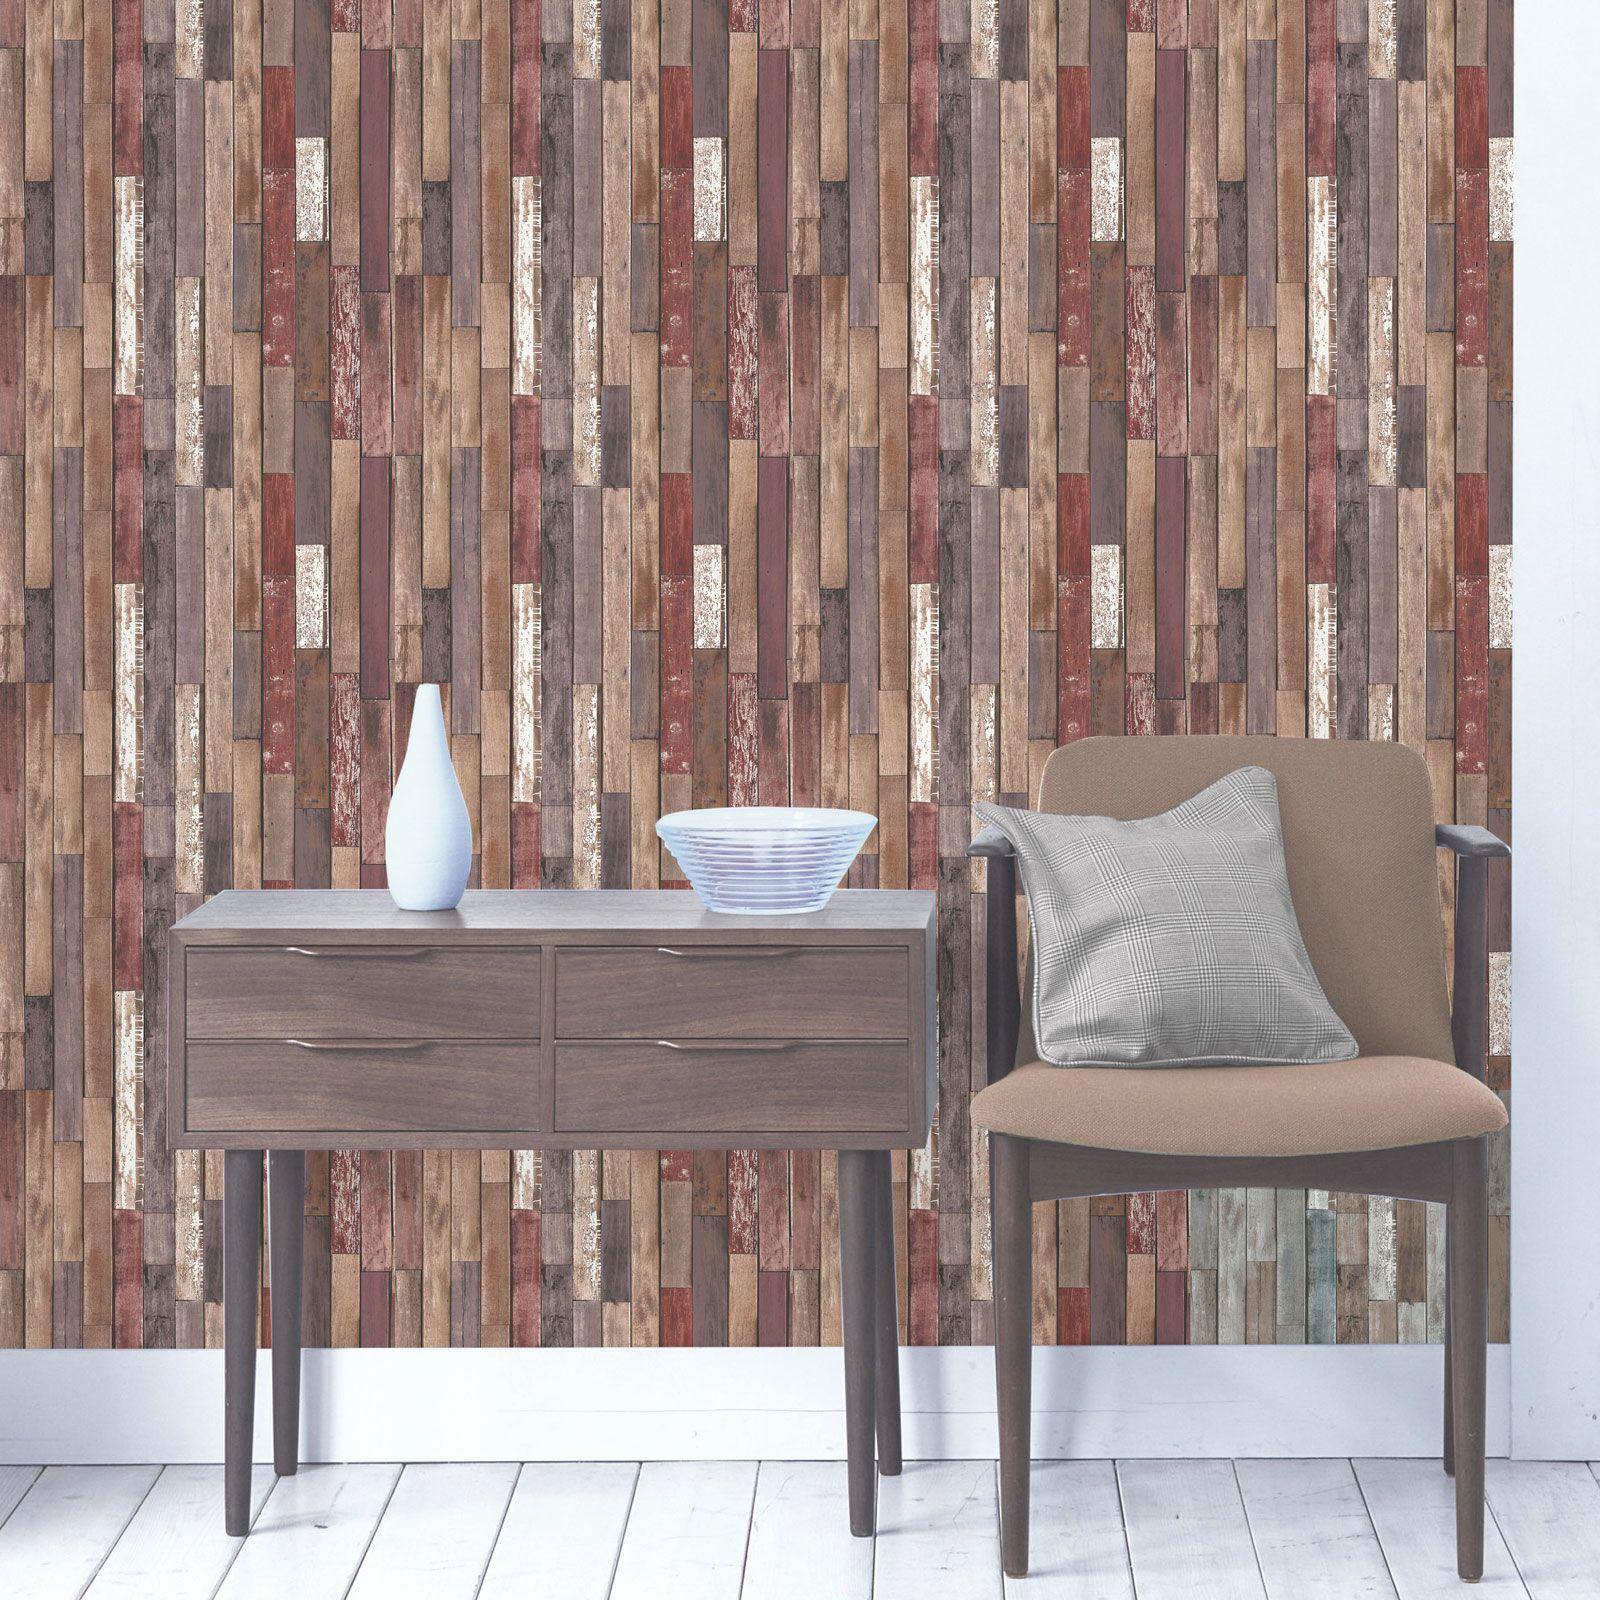 feine dekor rustikale effekt holz planken tapete blau fd40888 nat rlich ebay. Black Bedroom Furniture Sets. Home Design Ideas